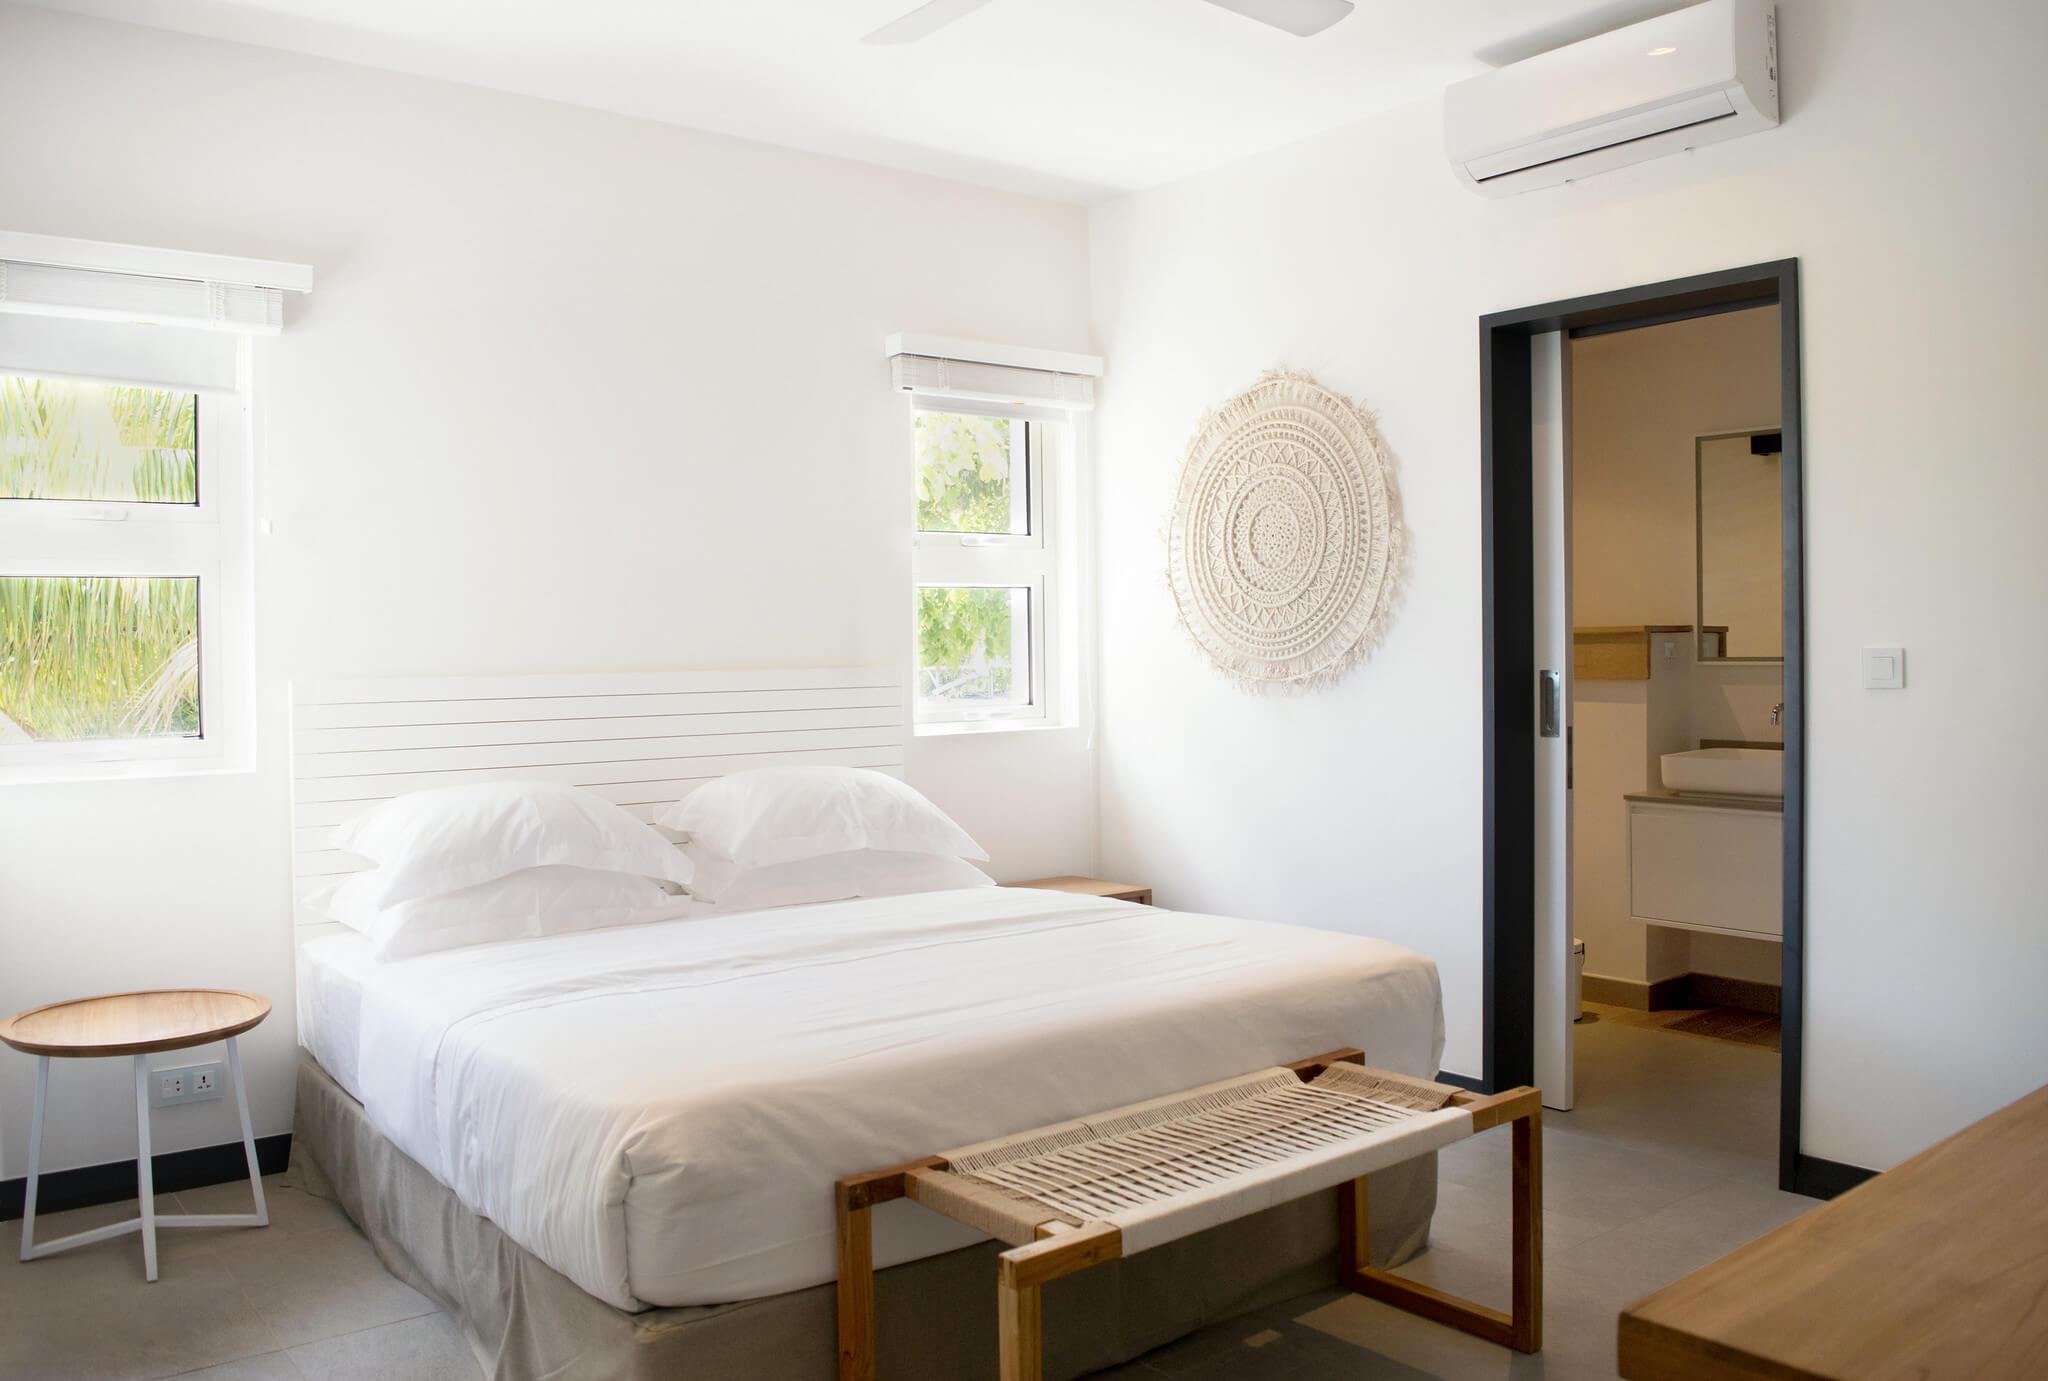 Obiche bedroom